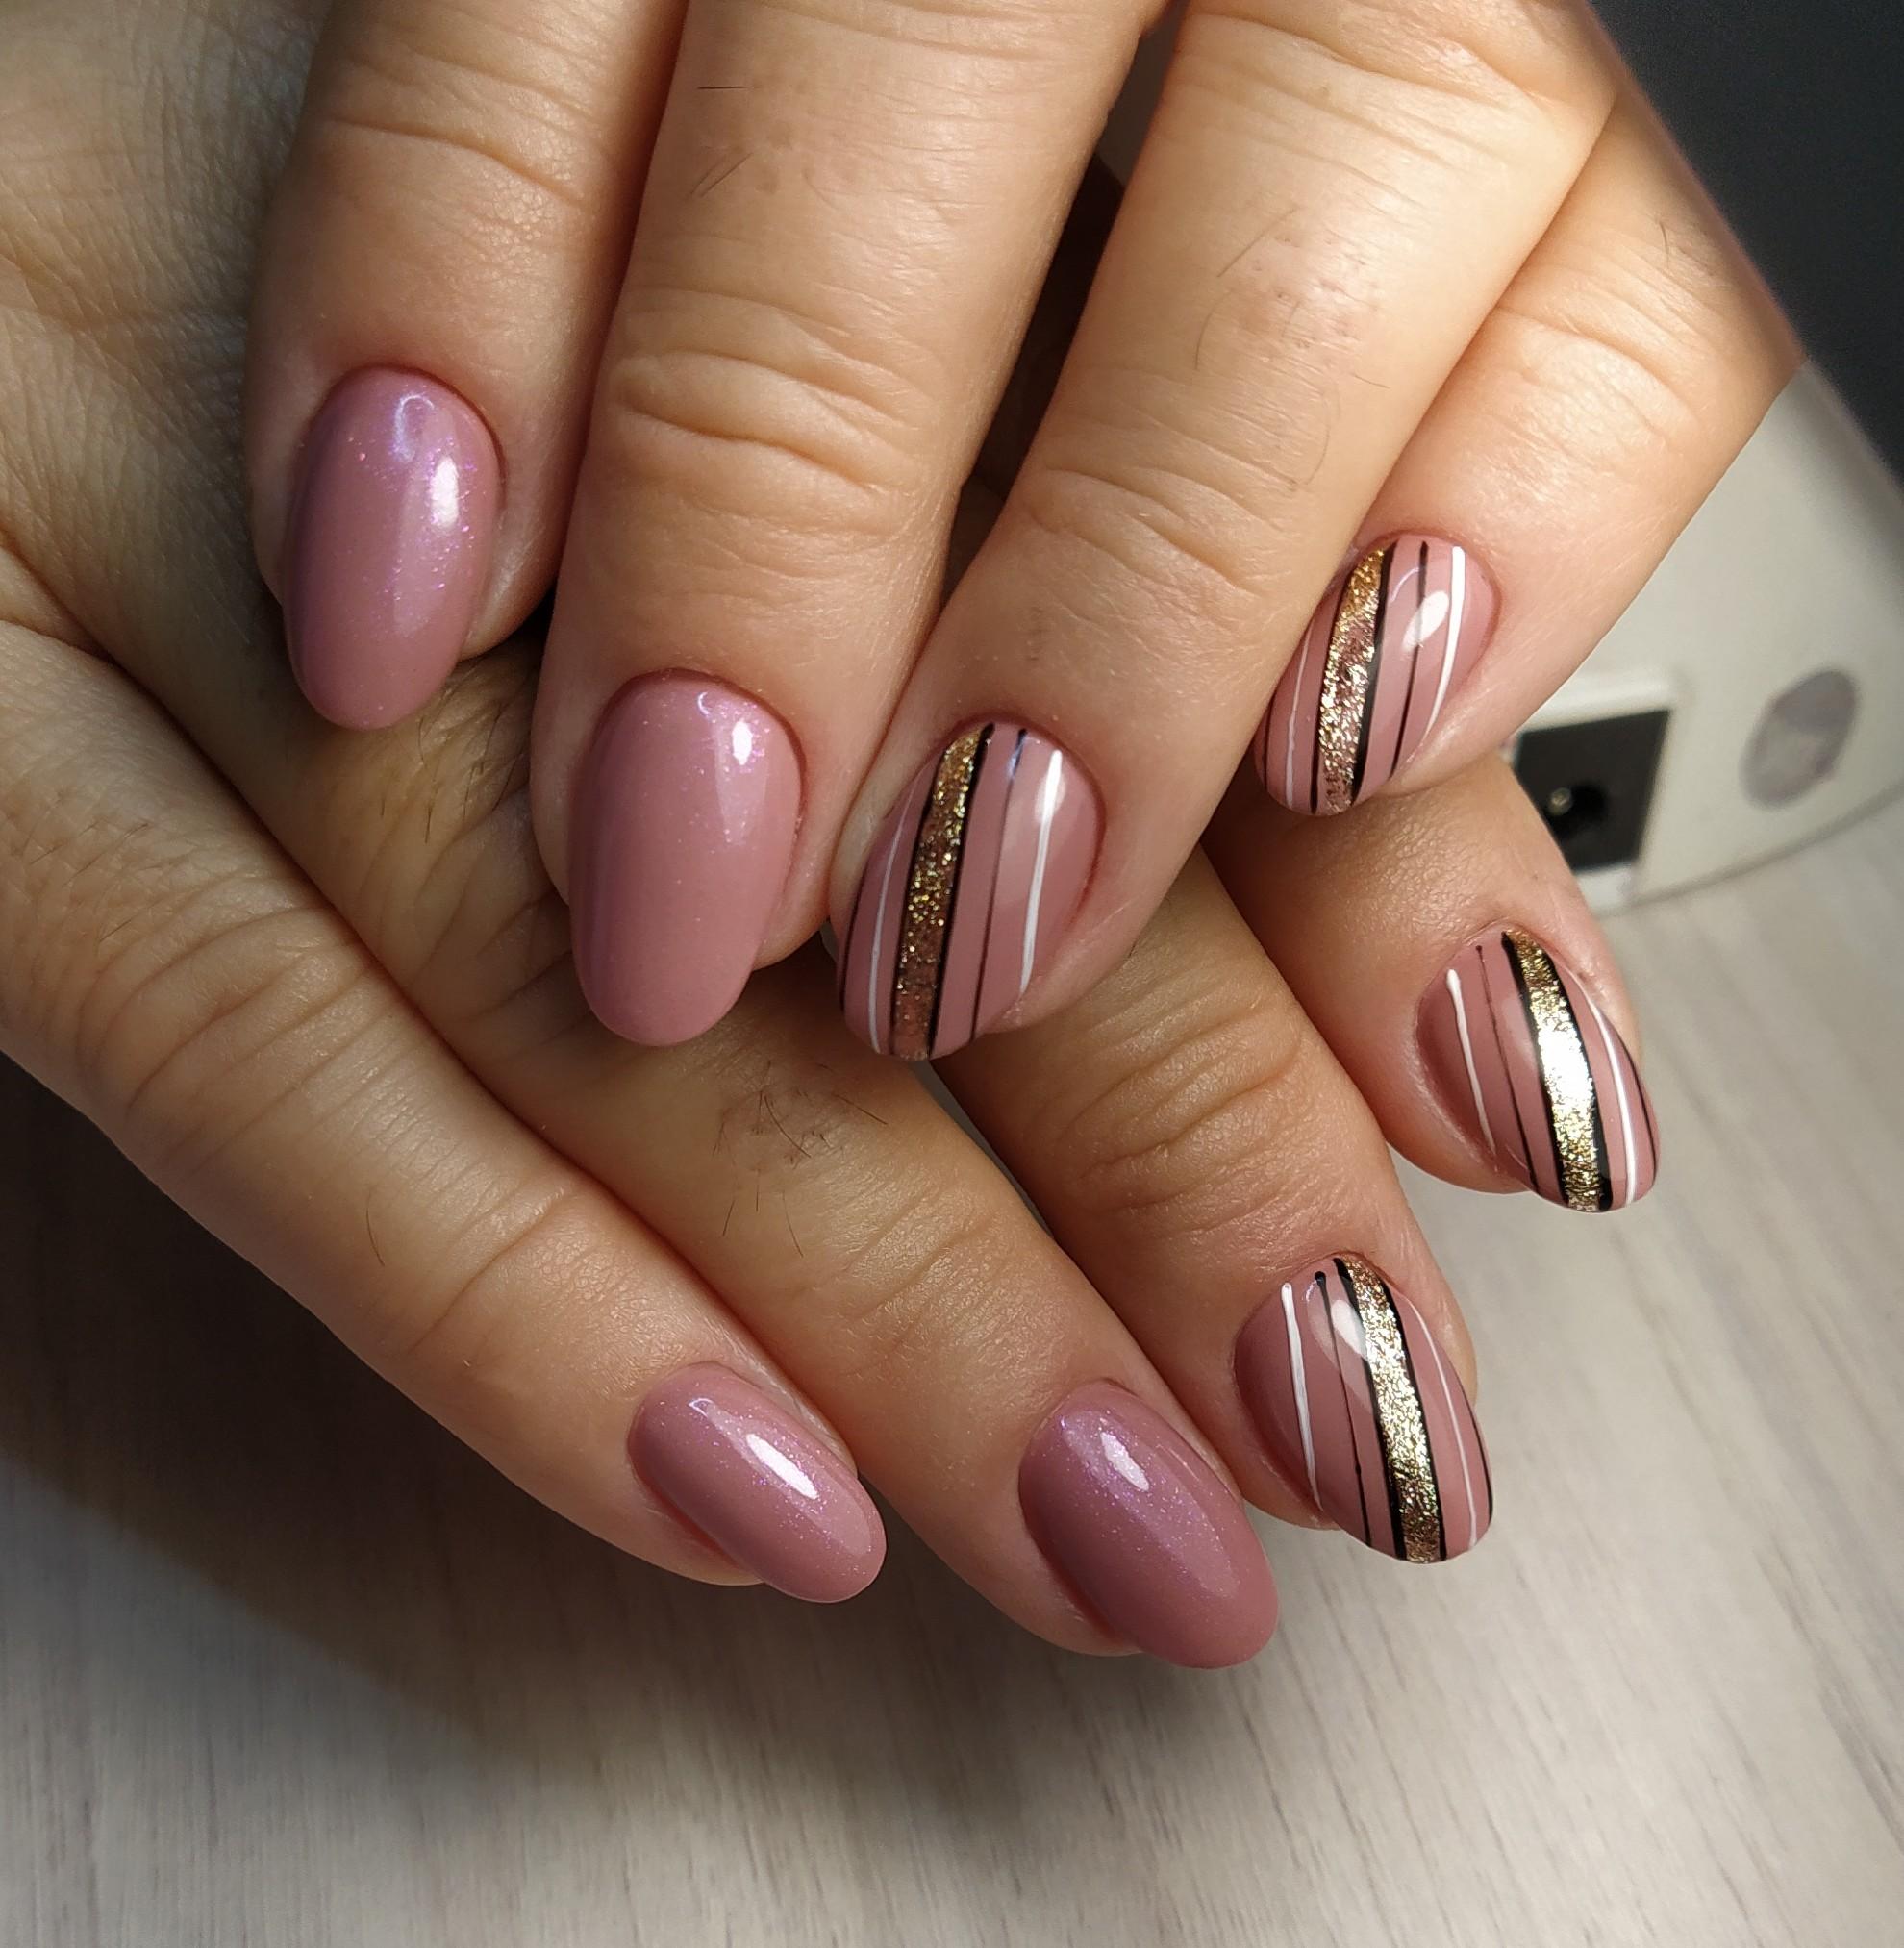 Маникюр с полосками и золотыми блестками в пастельных тонах на короткие ногти.